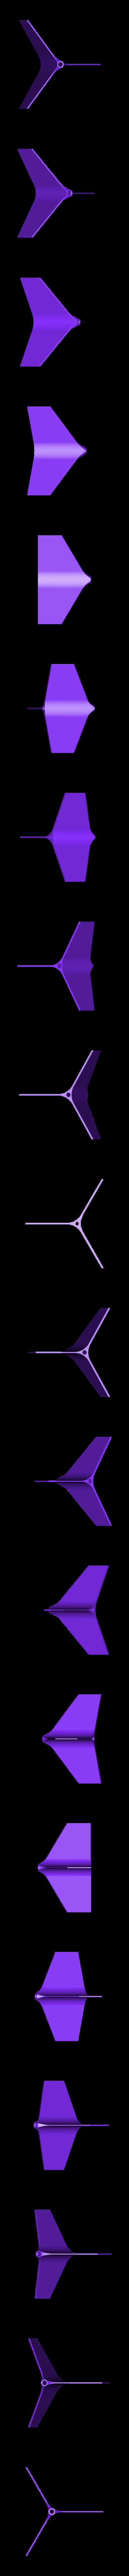 J-Dart_v1.stl Télécharger fichier STL gratuit Ailerons de fléchettes de pelouse avec limes Fusion360 • Modèle pour impression 3D, Phaedrux